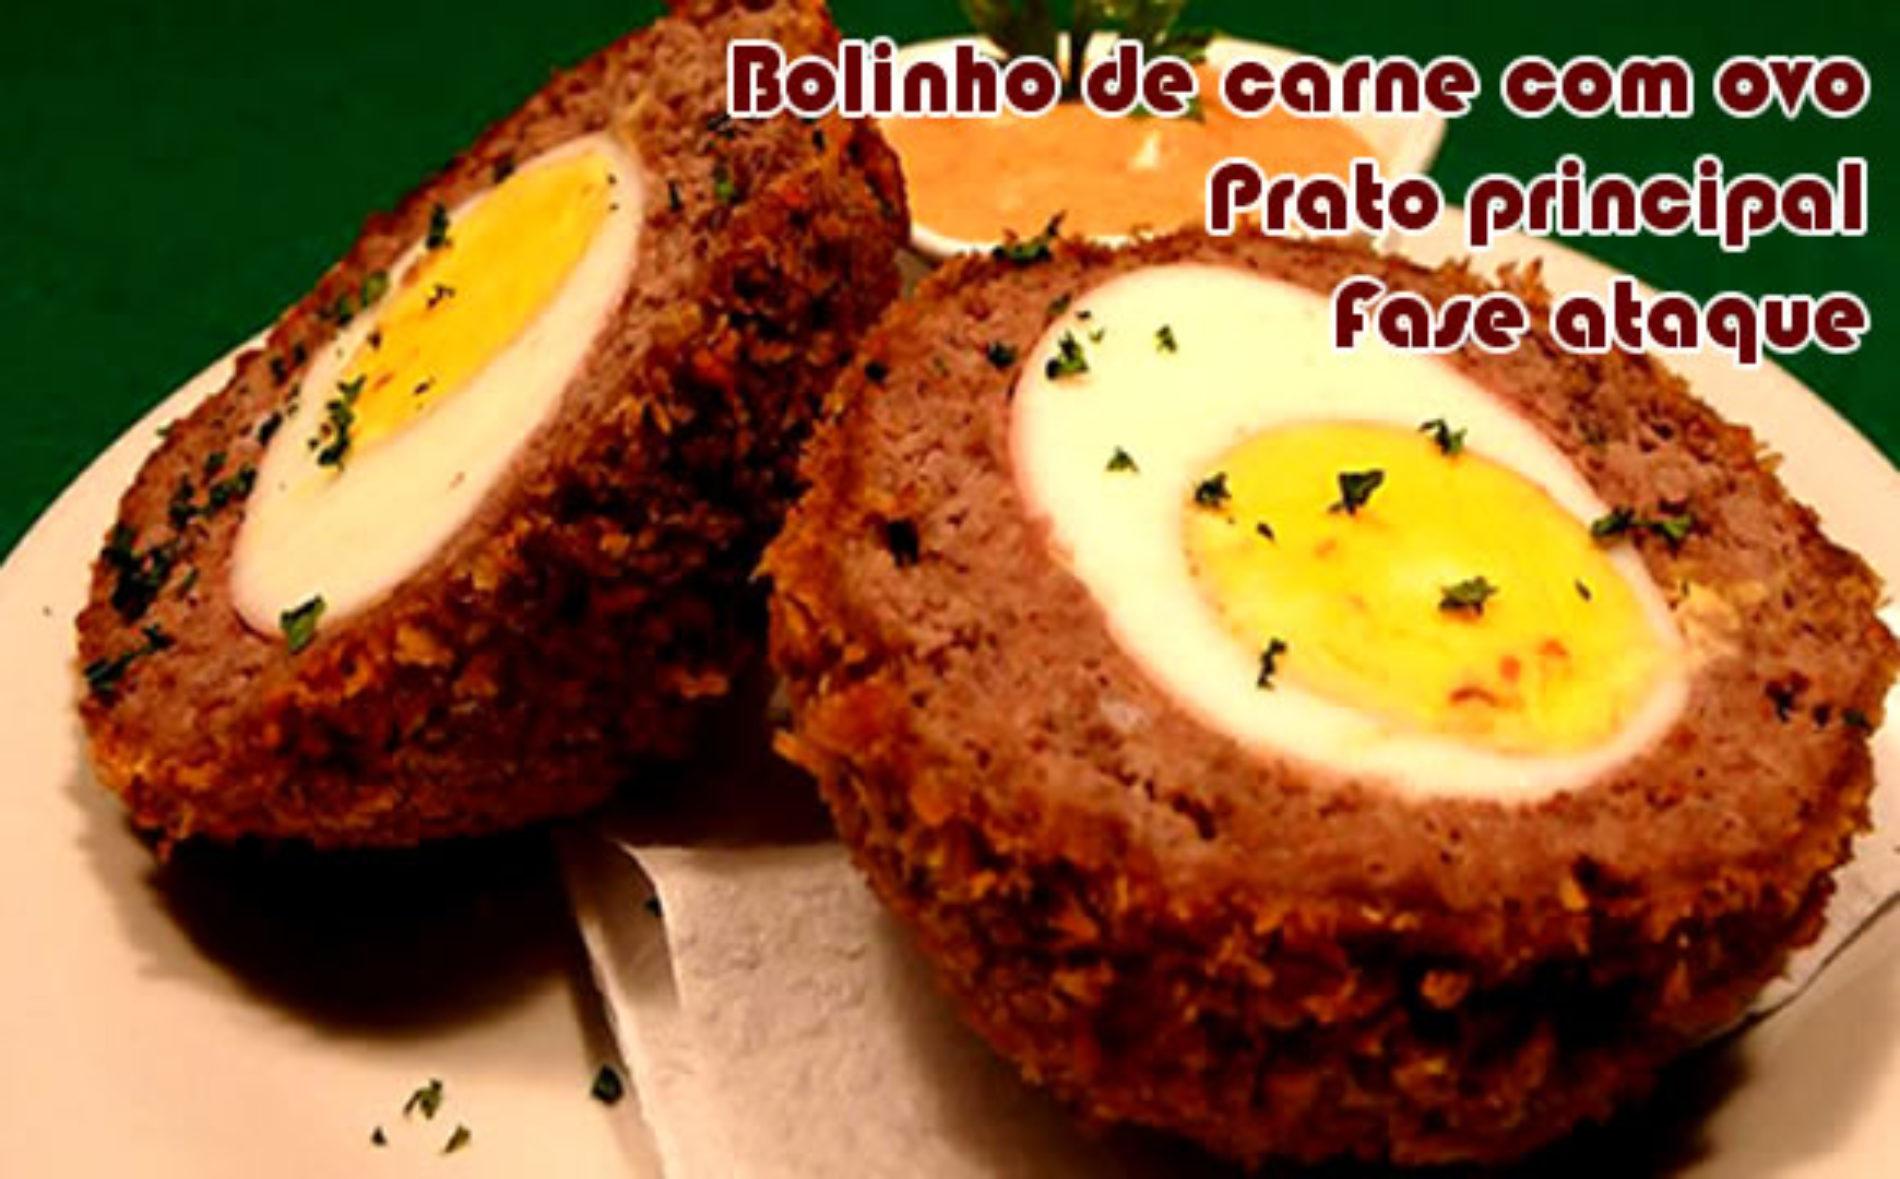 Bolinho de carne moída recheado com ovo